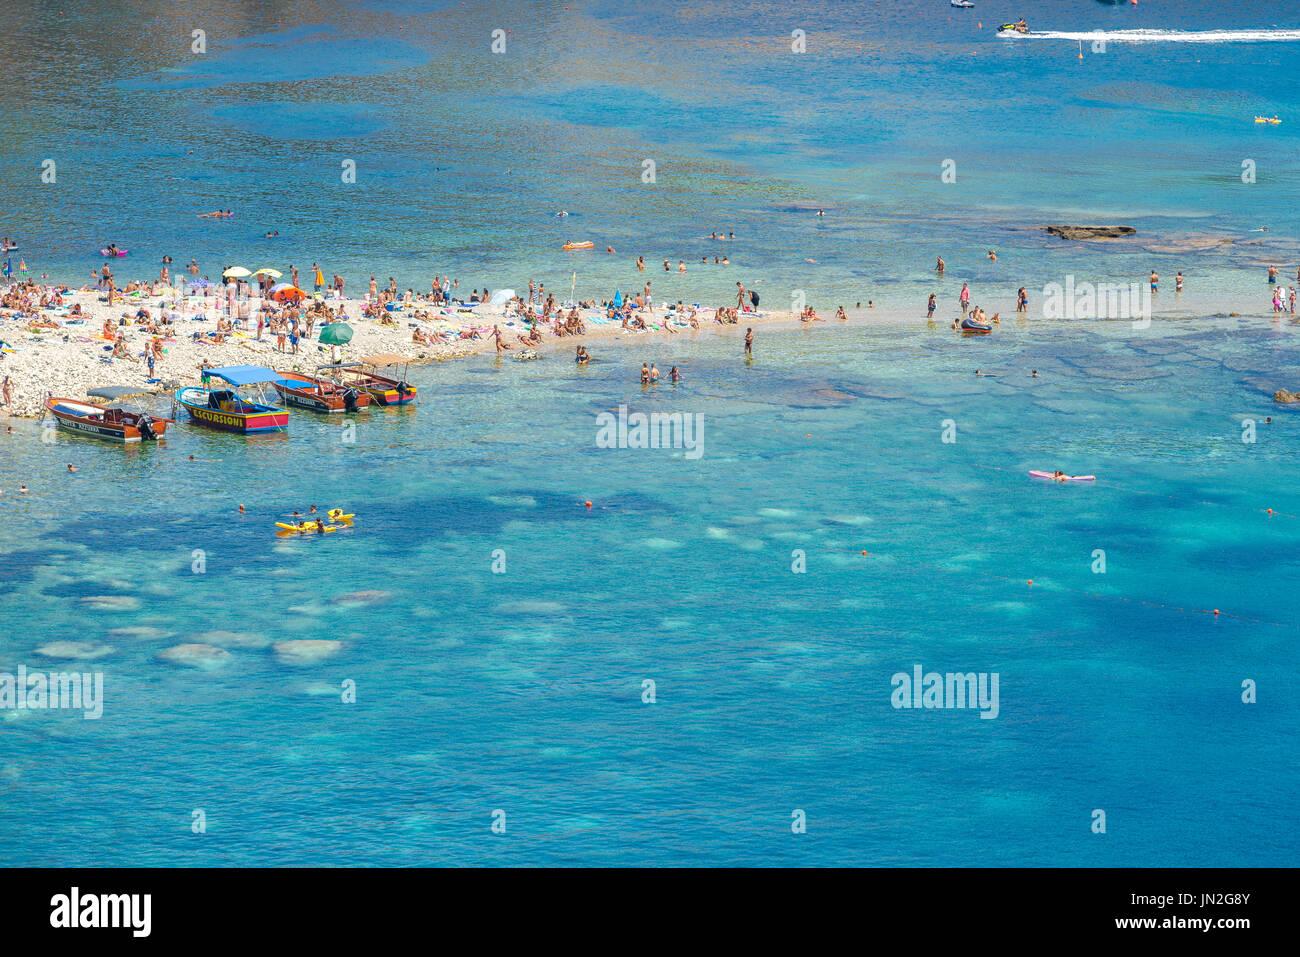 Playa Mazzaro Sicilia, cerca de la playa de Taormina Mazzaro es un lugar popular en verano para aquellos que deseen tomar el sol o nadar. Imagen De Stock